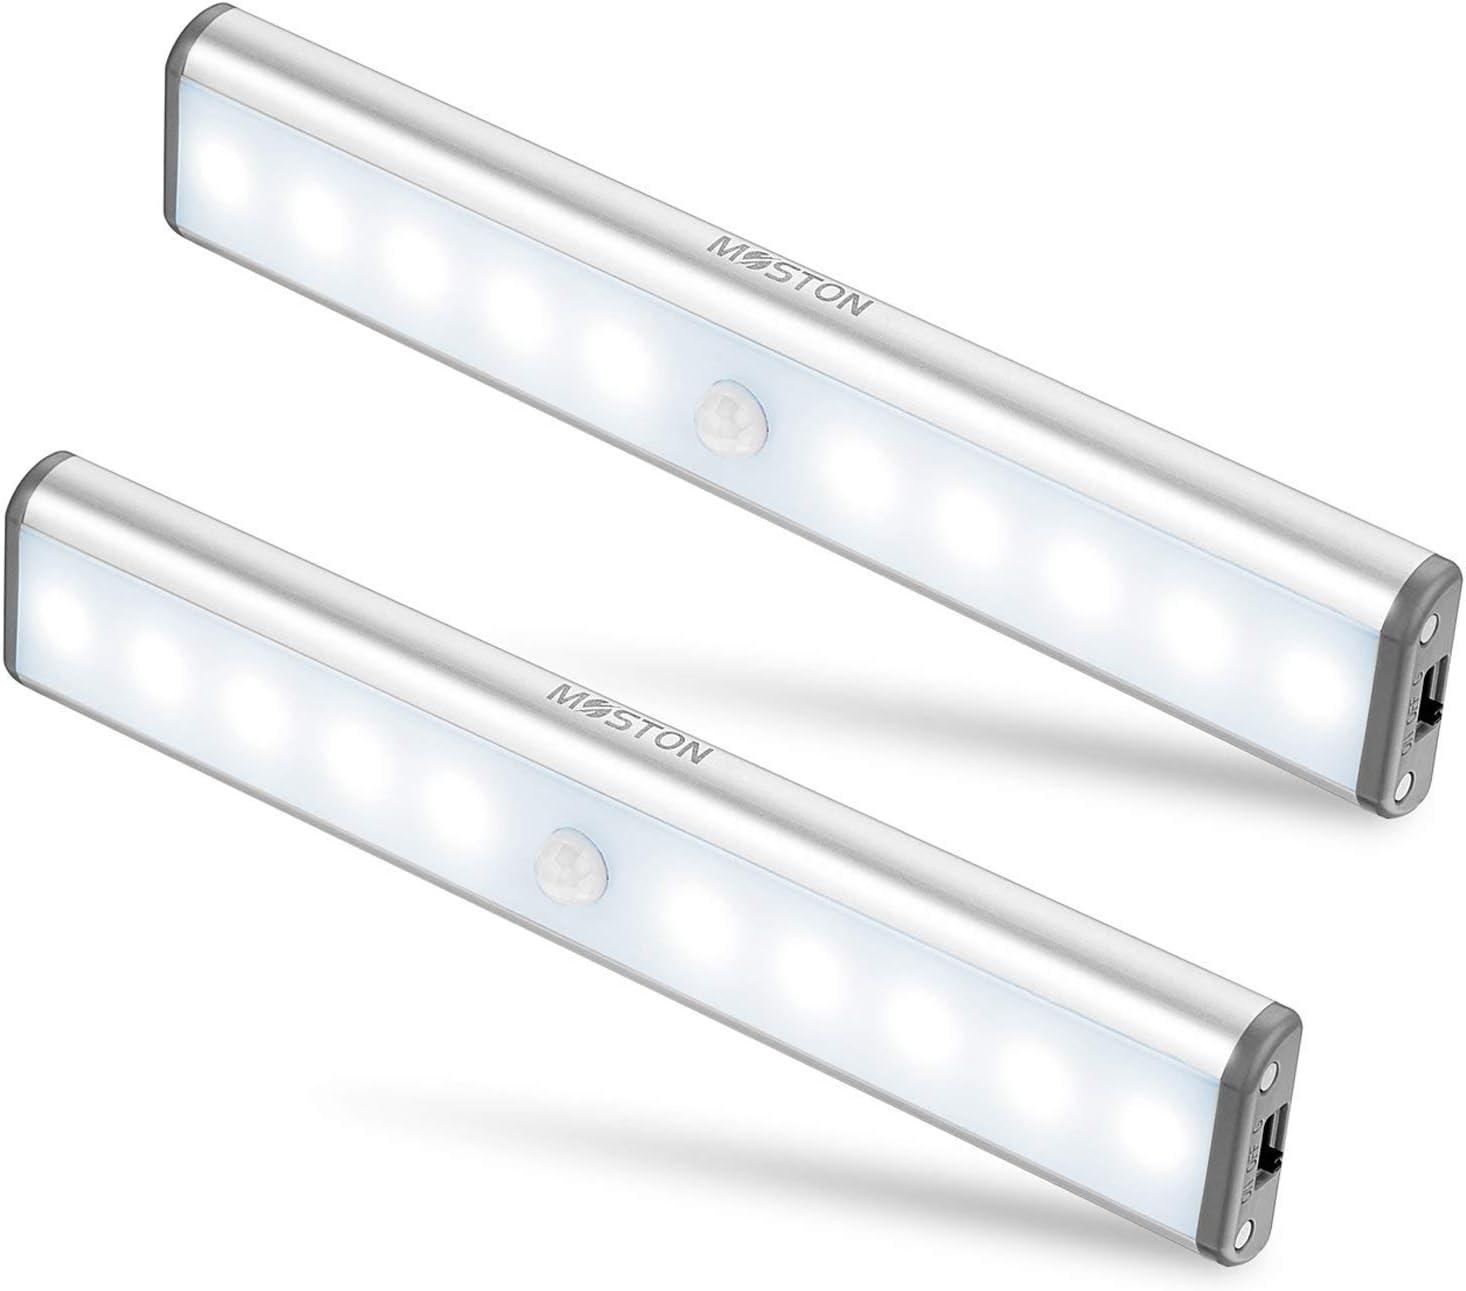 Moston 10 LED USB Recargable magnético Movimiento Sensor Luces nocturnas,oscuridad a amanecer Célula fotoeléctrica incluido Auto en/apagado Portátil Sin cable,palo en cualquier sitio para armario